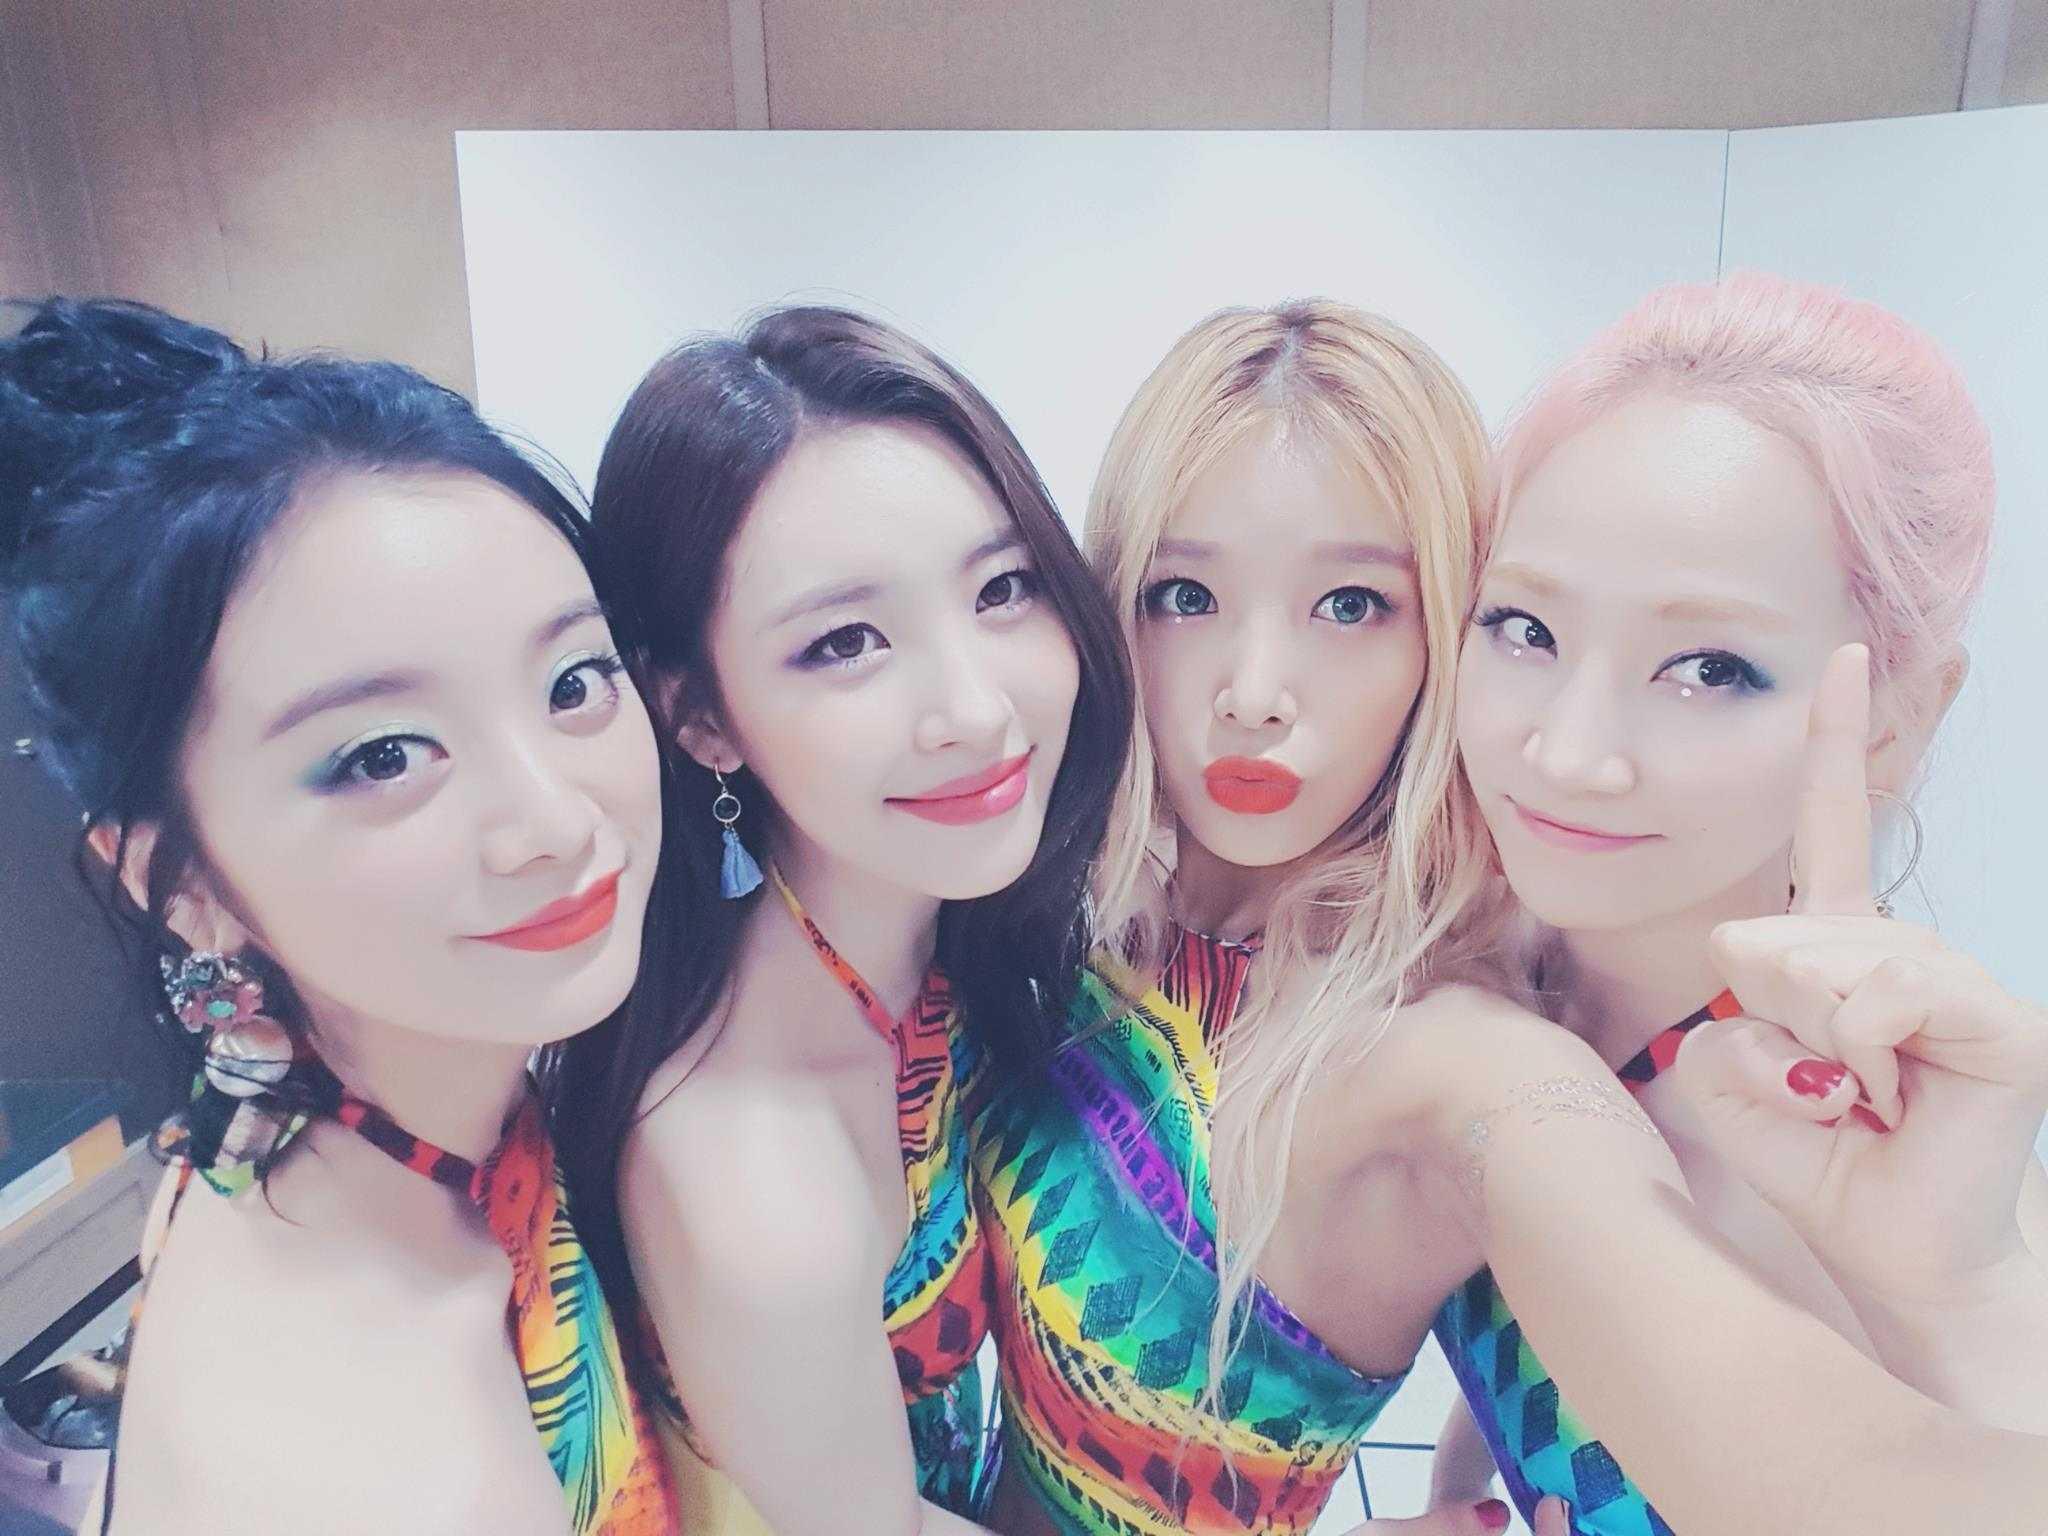 接著是另兩團的巧合 Wonder Girls在2007年得了